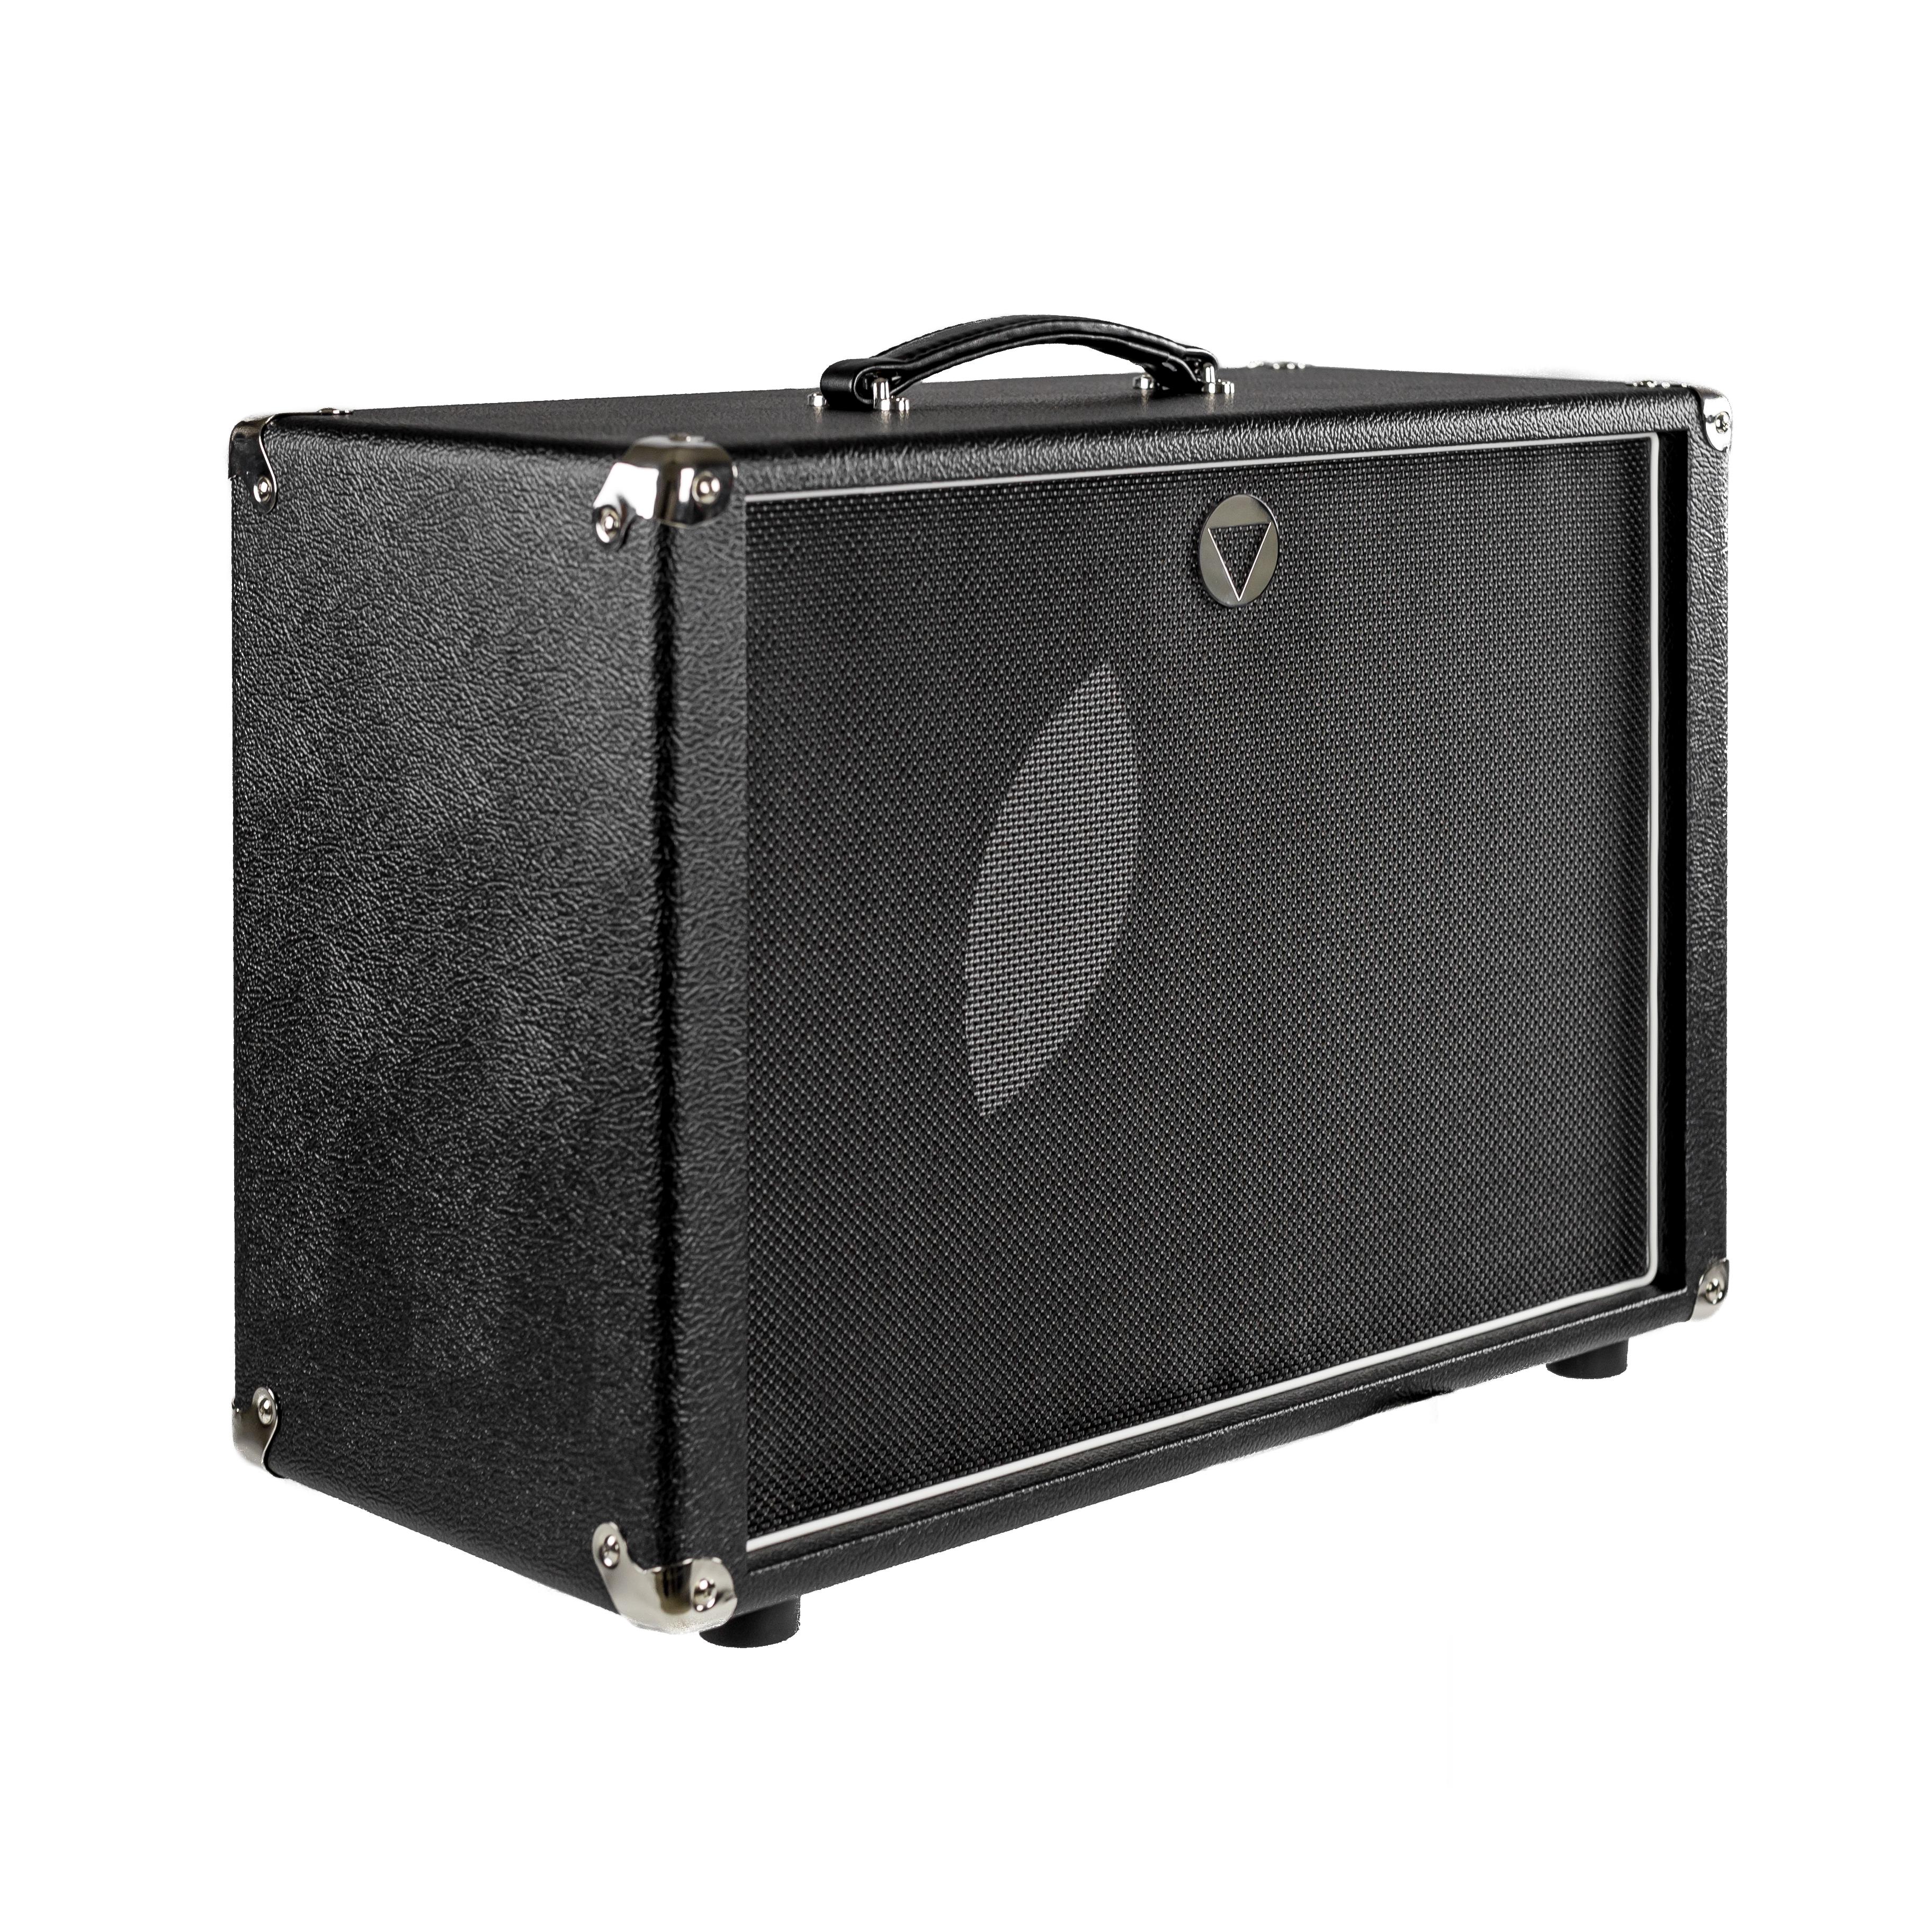 VBoutique Vumble 112 guitar extension cabinet